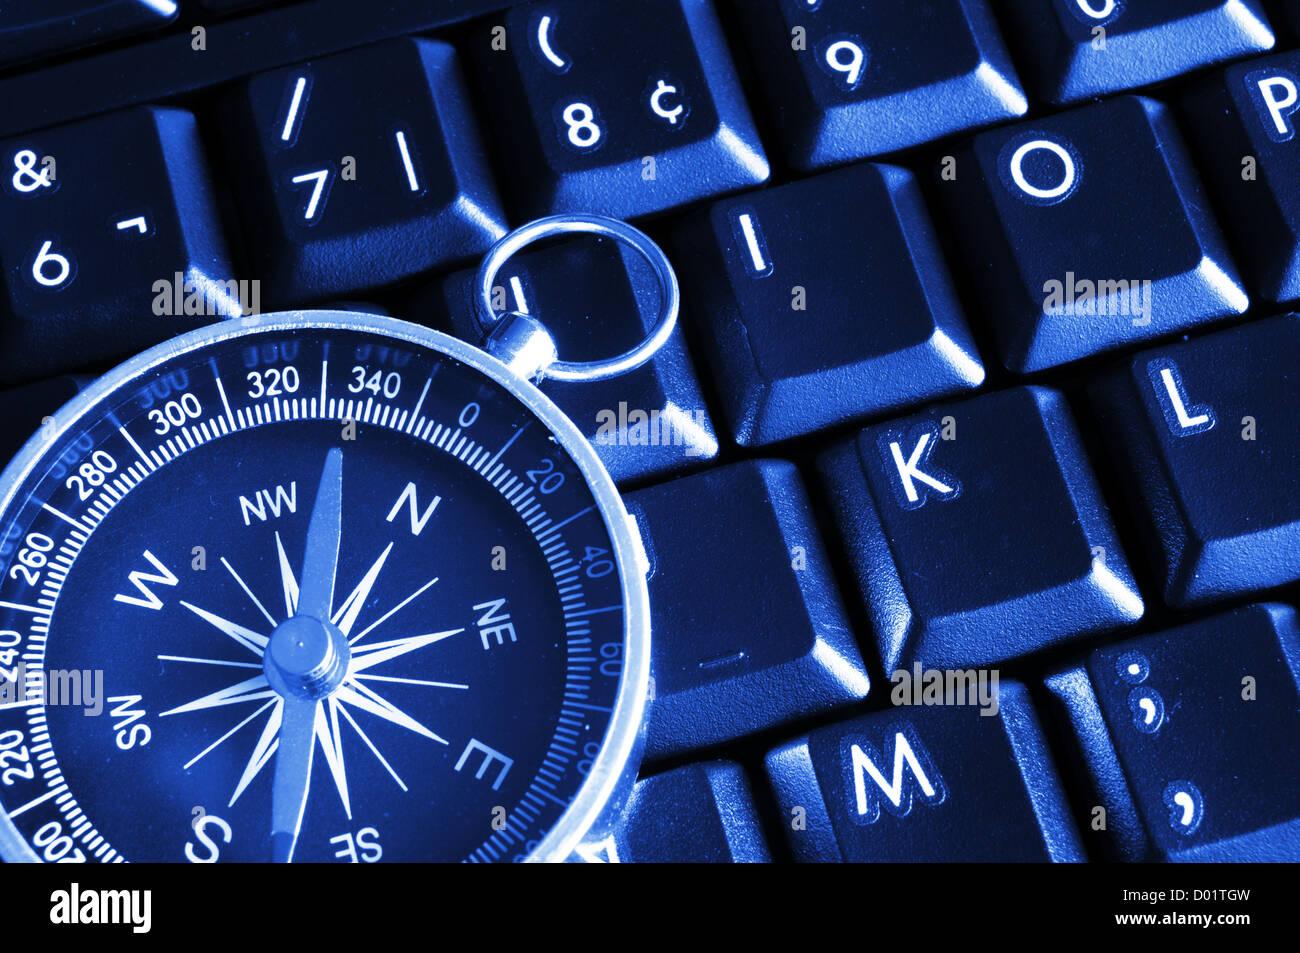 La tastiera del computer e bussola che mostra la navigazione internet concept Immagini Stock